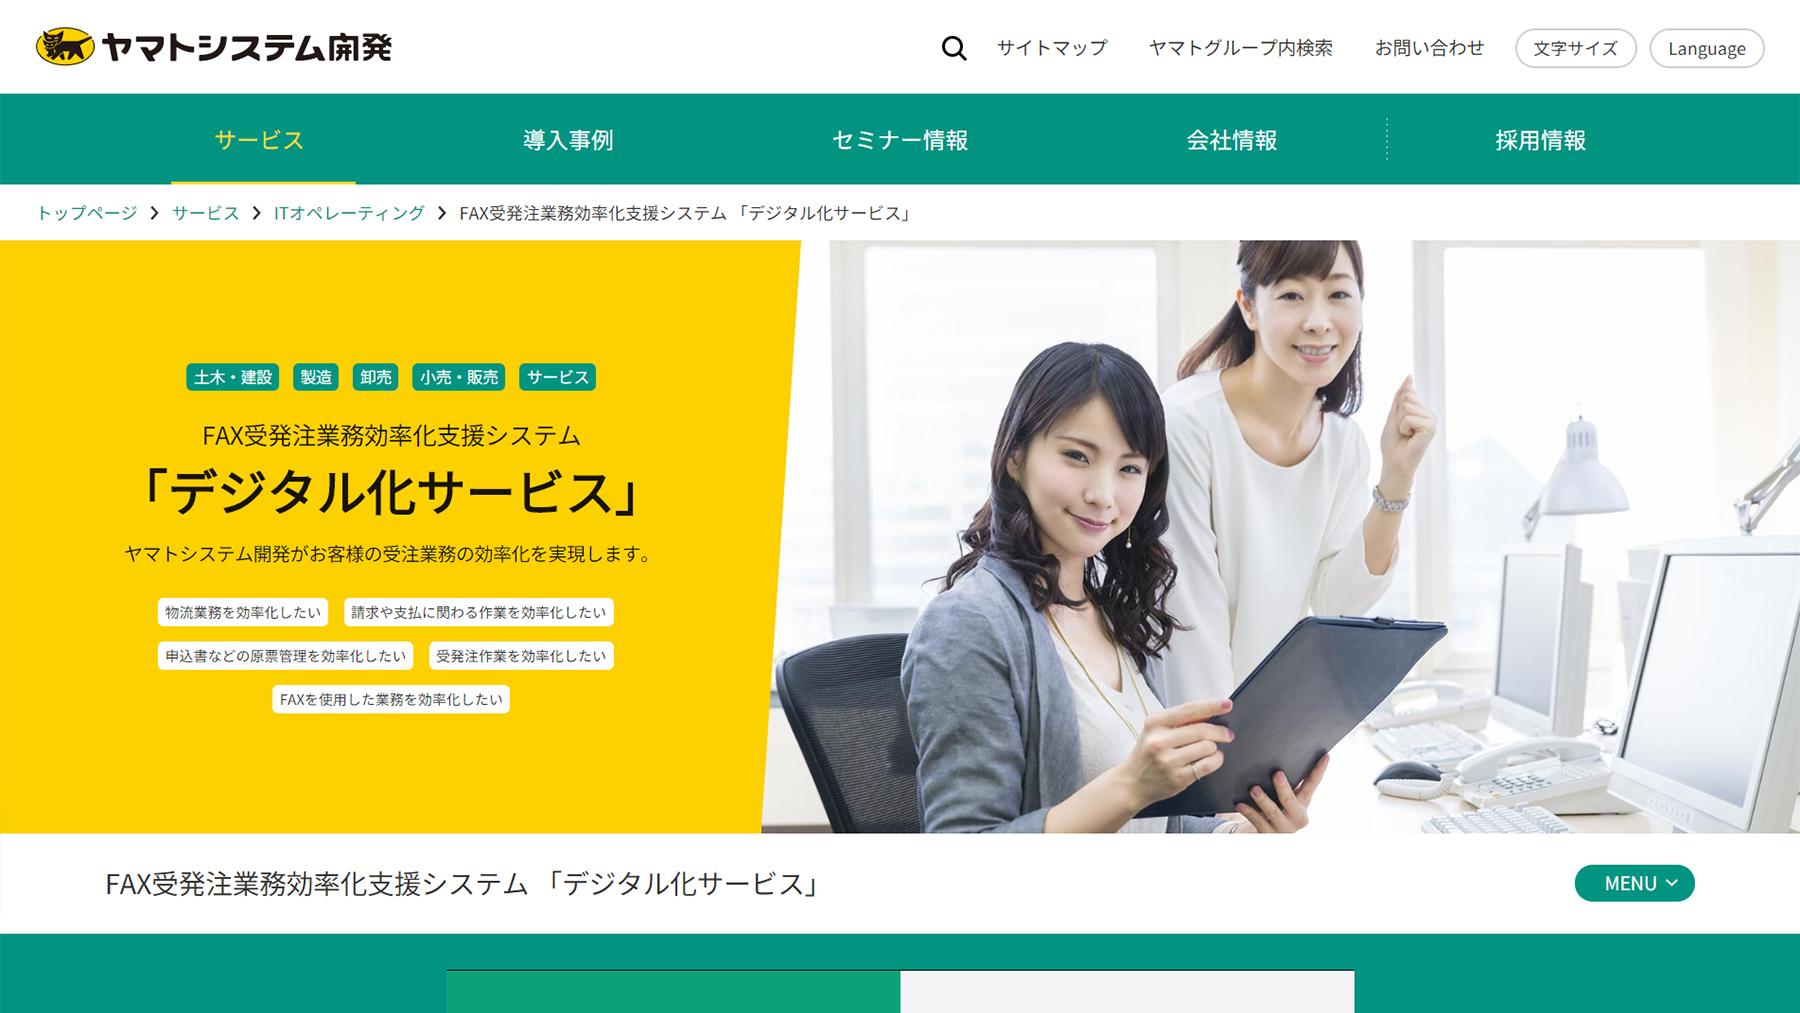 デジタル化サービス公式Webサイト